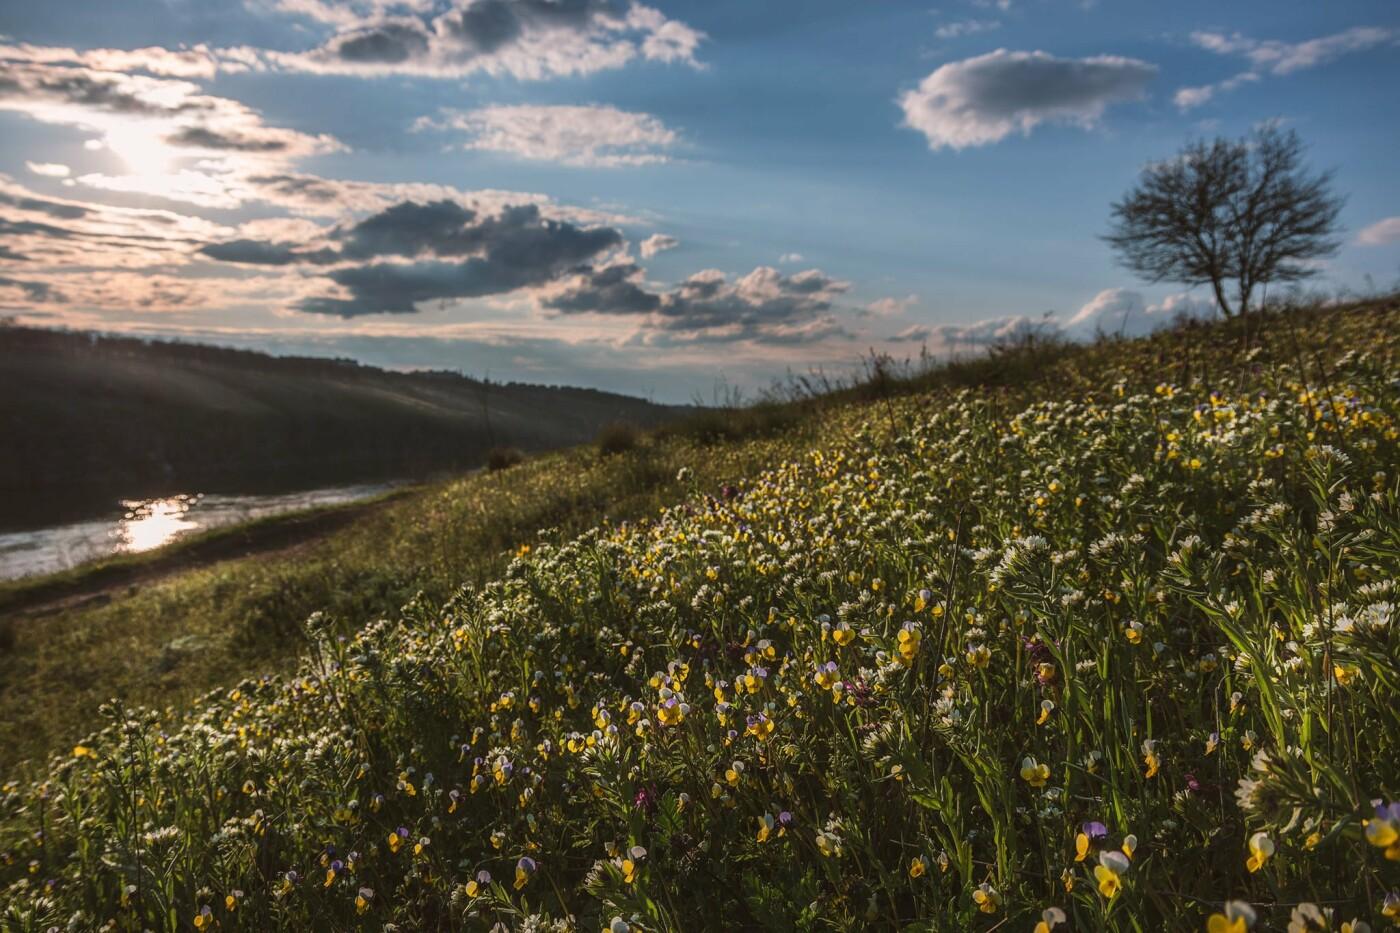 На закате и после грозы: запорожские фотографы делятся снимками цветущей Хортицы, - ФОТО, фото-20